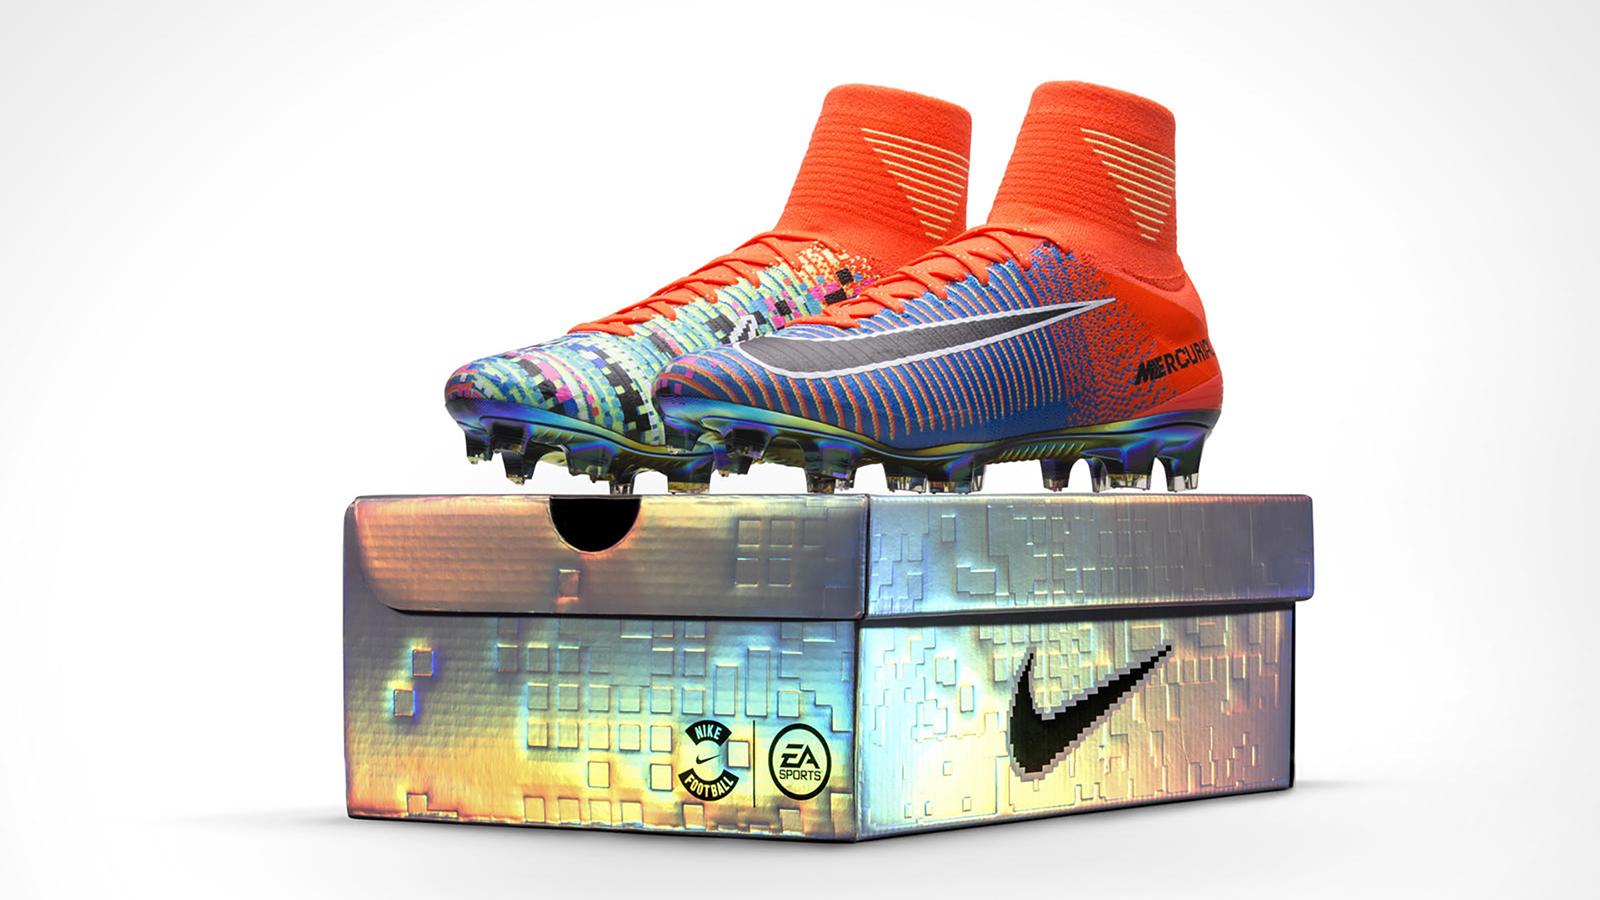 Nike y EA Sports colaboran para lanzar unas nuevas Mercurial Superfly